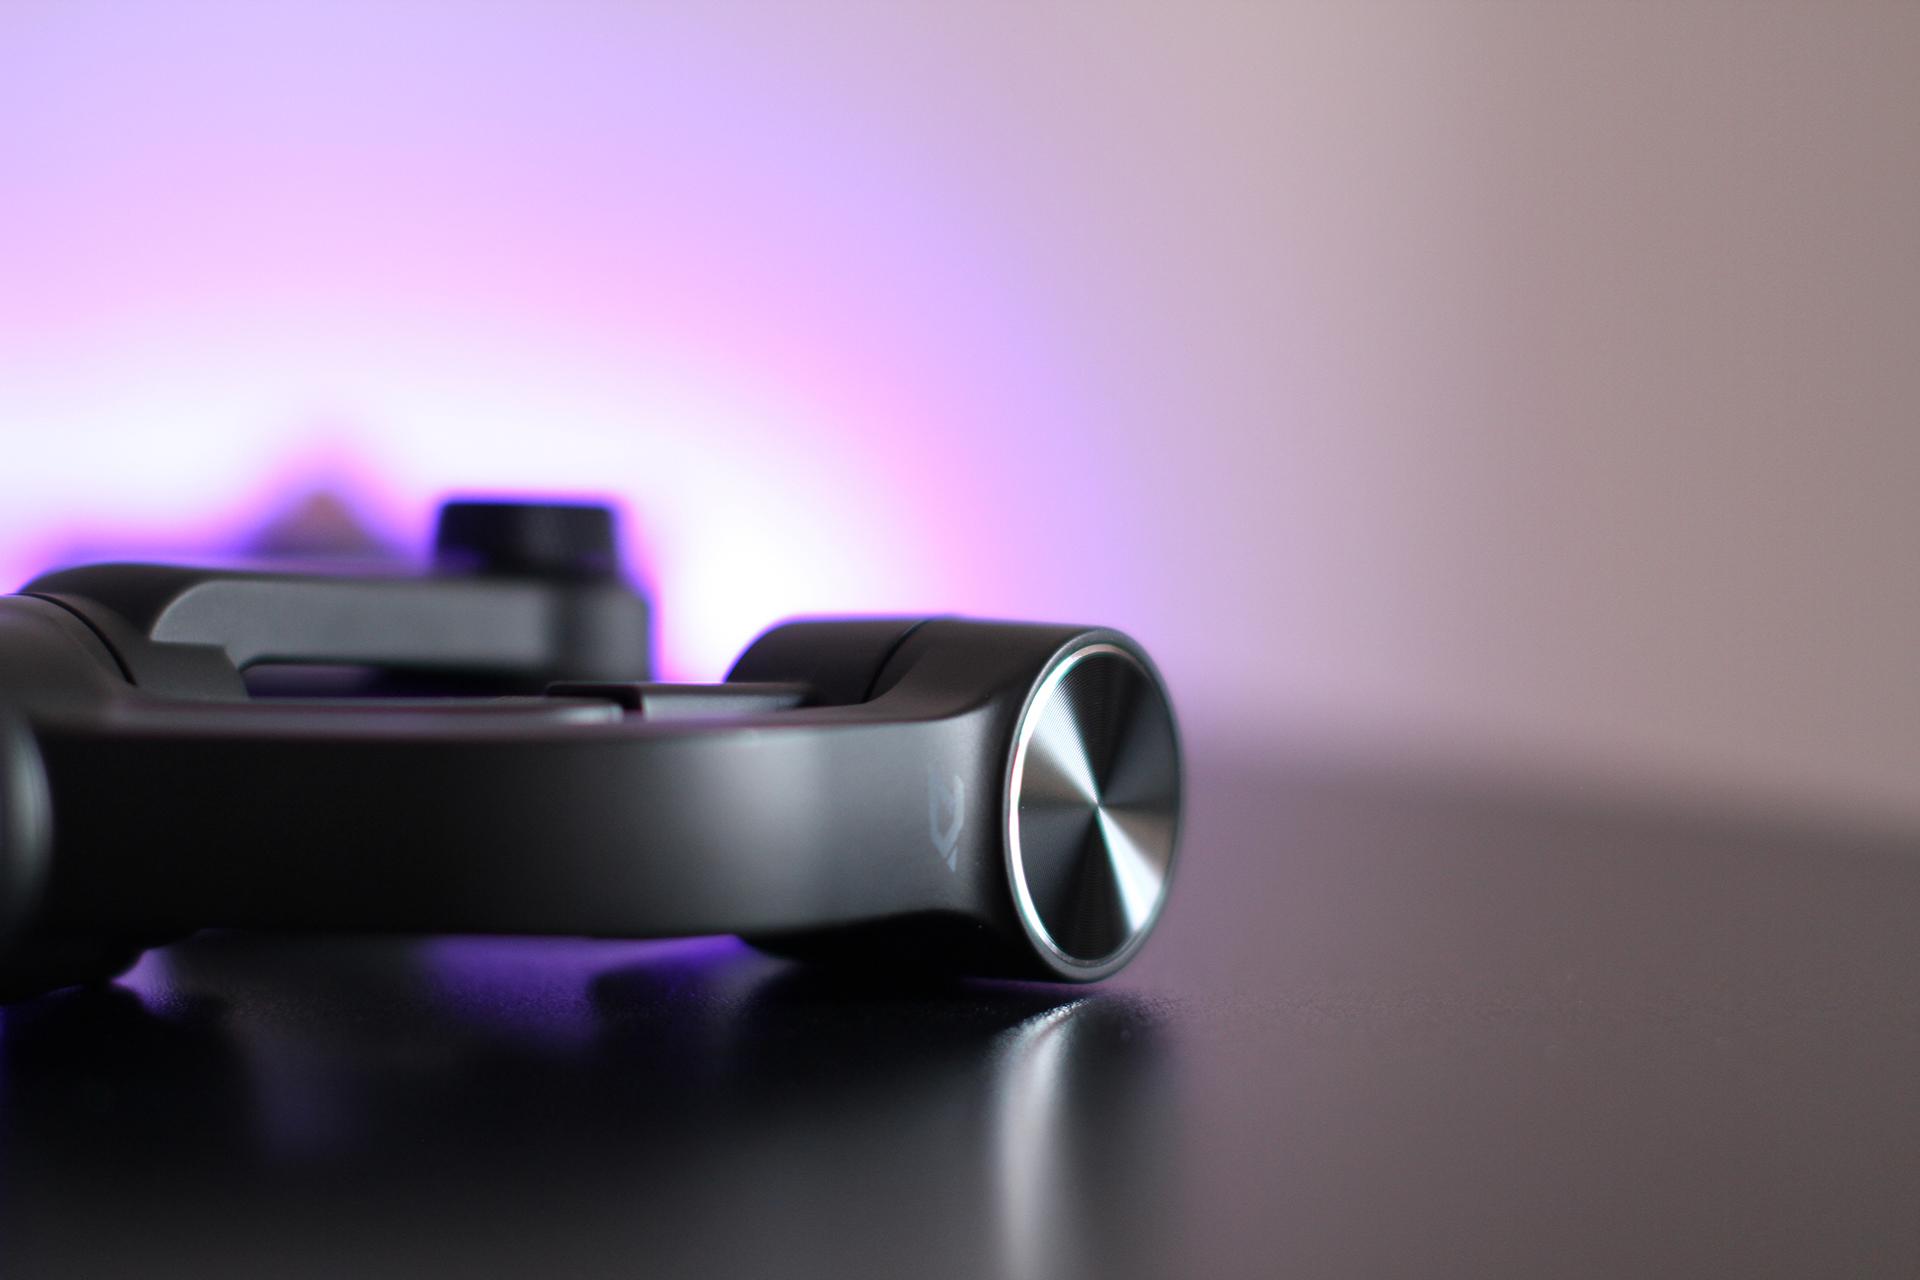 zhiyun smooth q un stabilisateur pour smartphone le mag jeux high tech. Black Bedroom Furniture Sets. Home Design Ideas